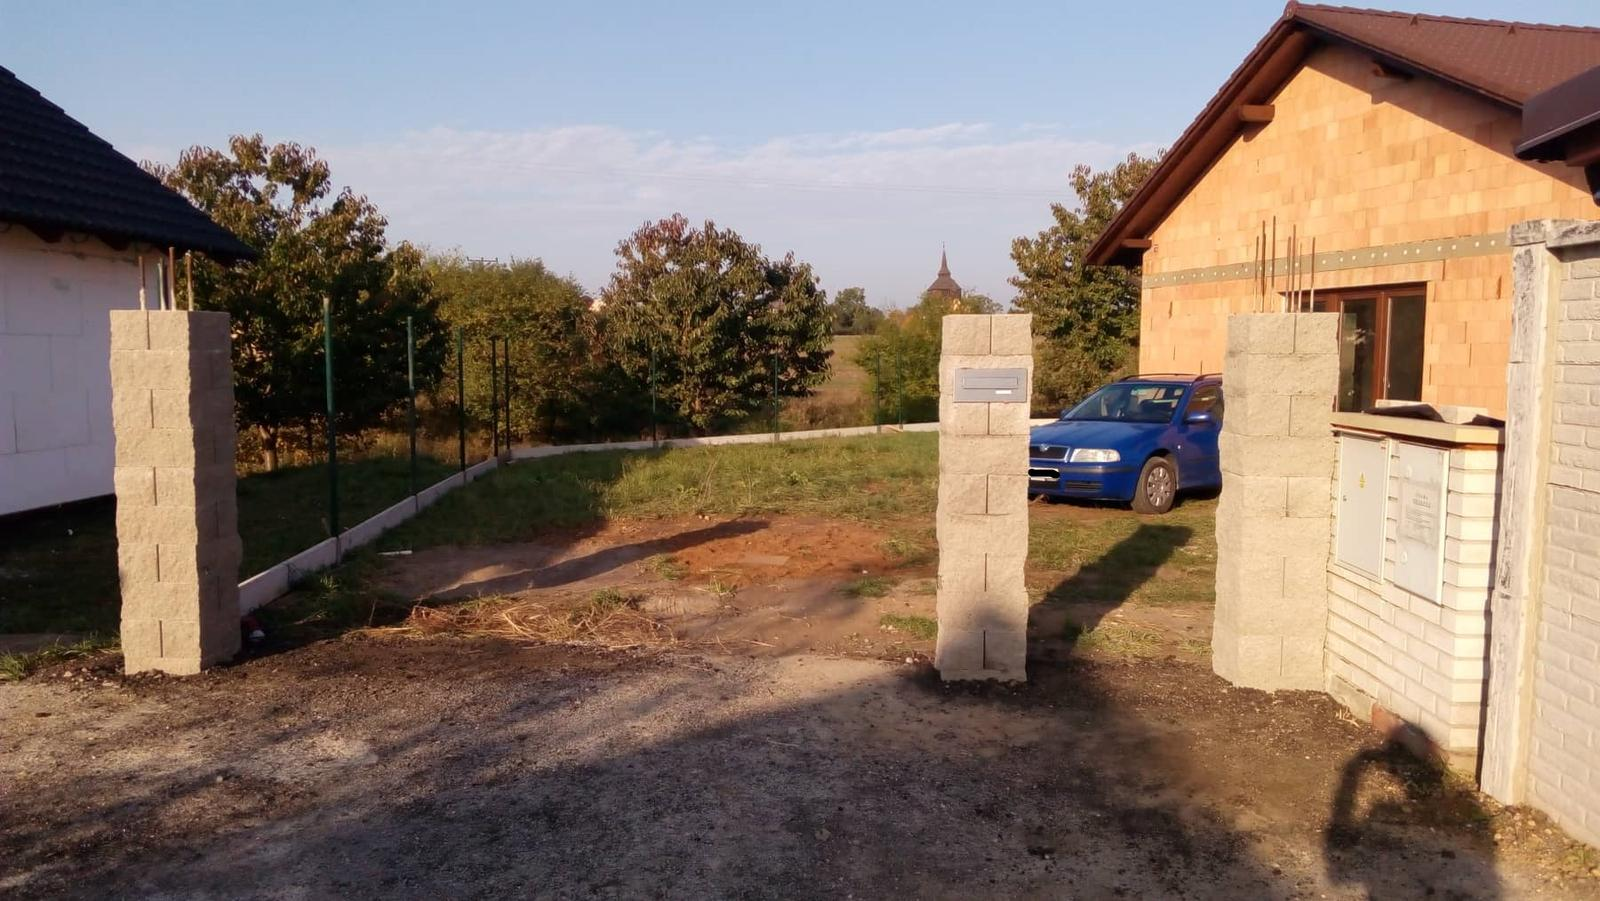 Náš vysněný domov :-) - Už se rýsujou vrata, vrátka a plot :-) :-) Uvnitř čekáme na řemeslníky, tak pracujeme kolem domu.